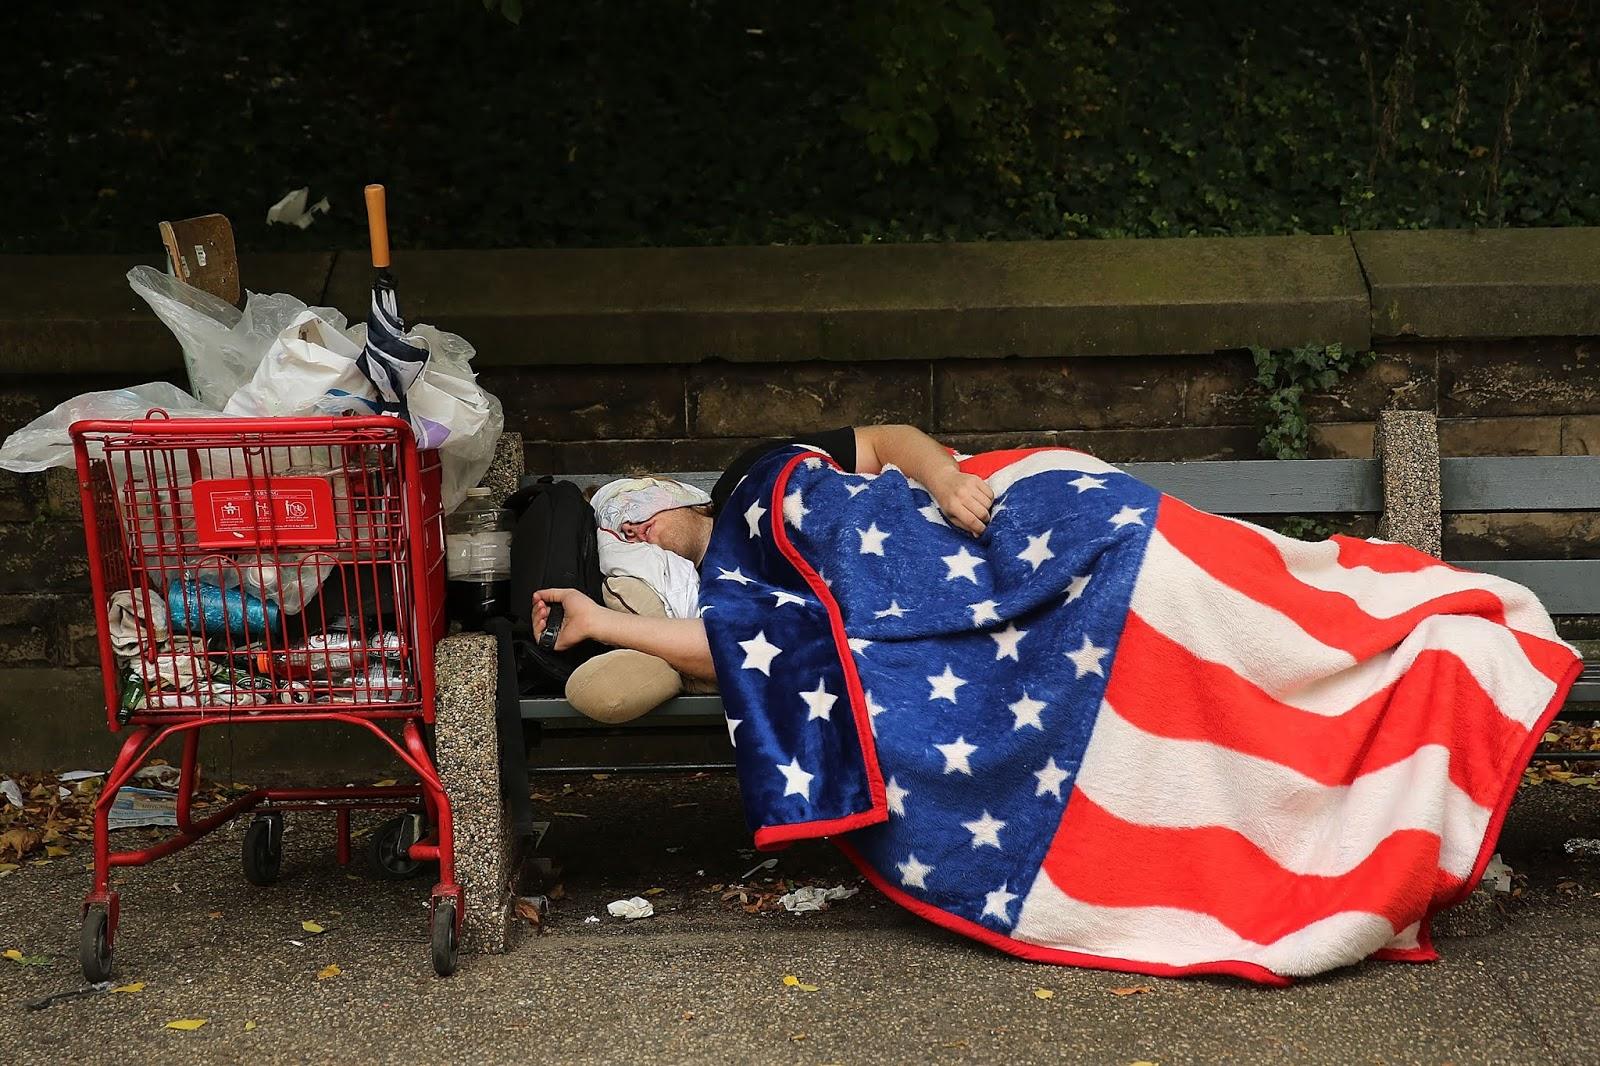 Estados Unidos, una potencia con pies de barro - Marcelo Colussi - febrero 2019 Homelessusa